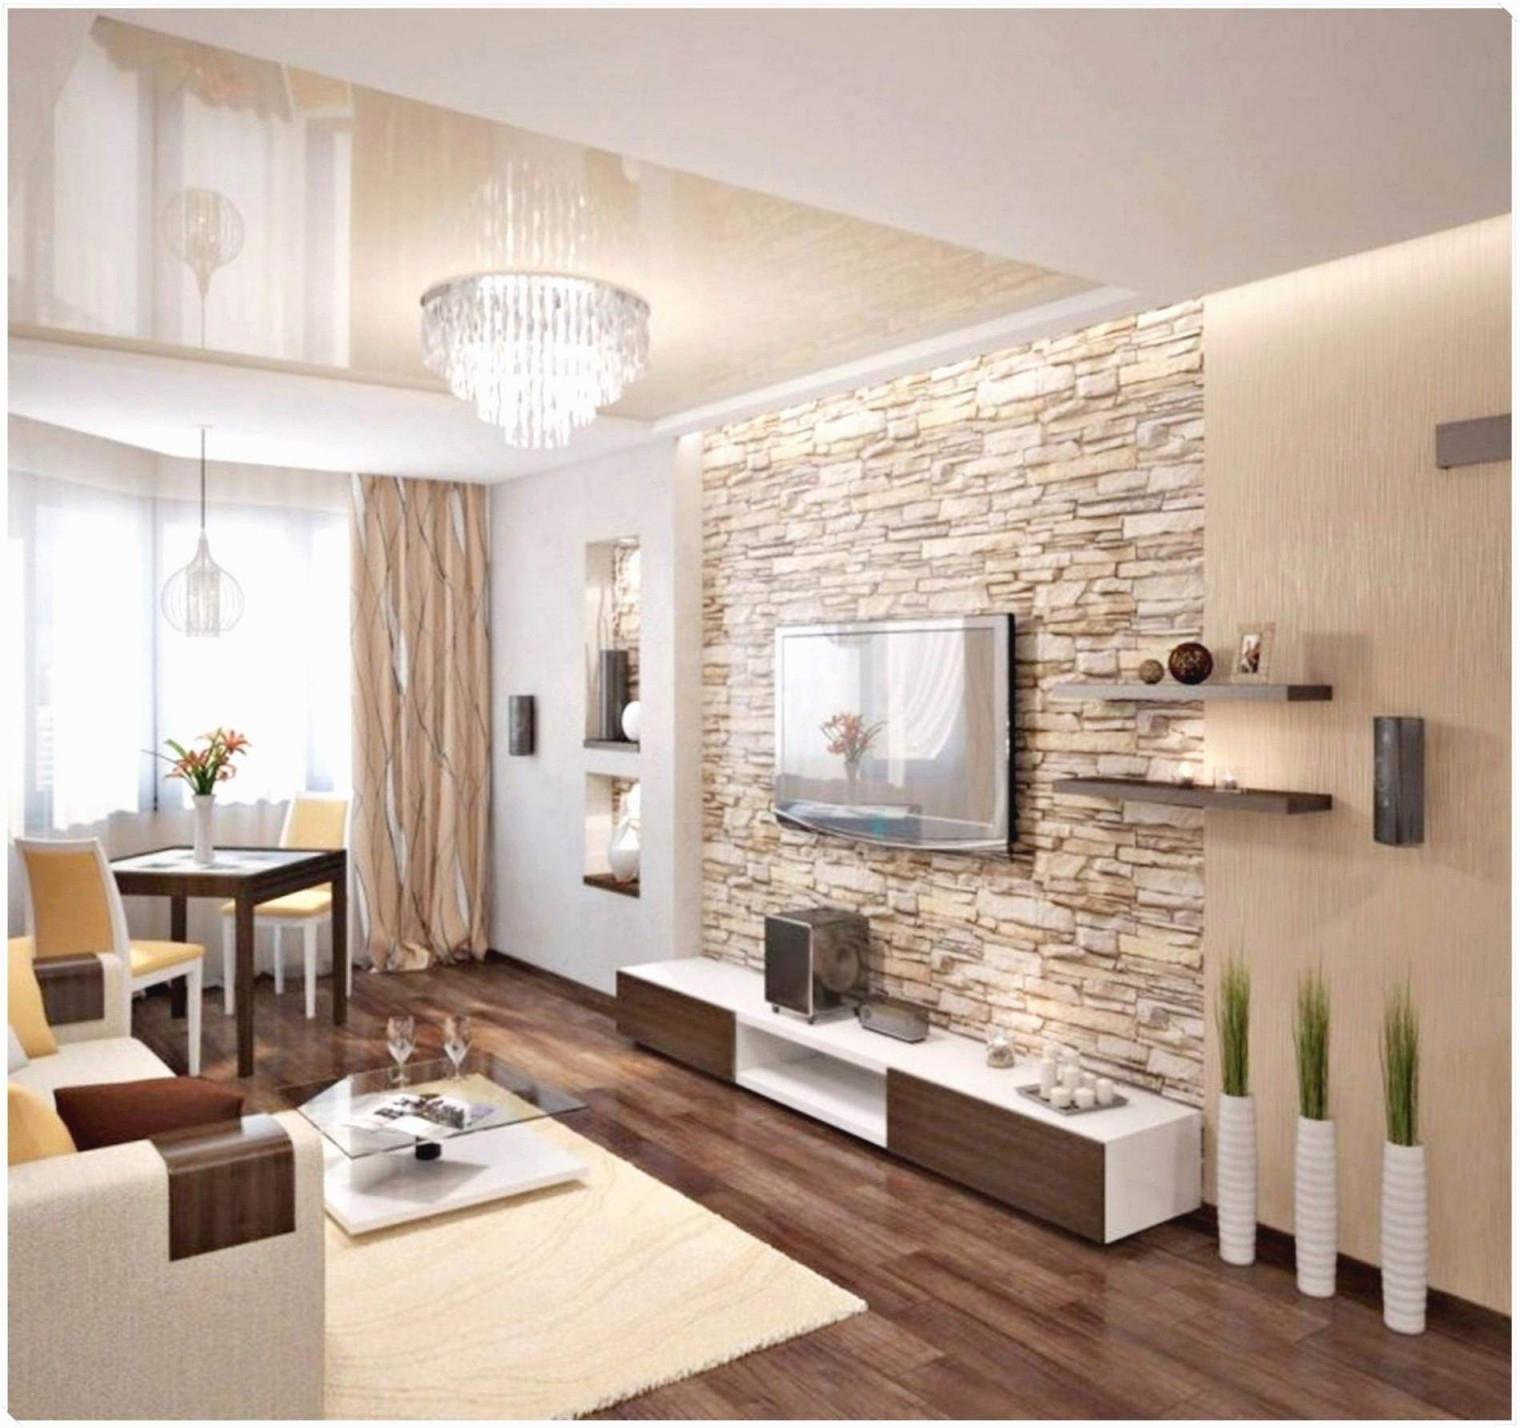 Wände Gestalten Wohnzimmer Genial Coole Teppiche Wohnzimmer von Wände Gestalten Wohnzimmer Bild